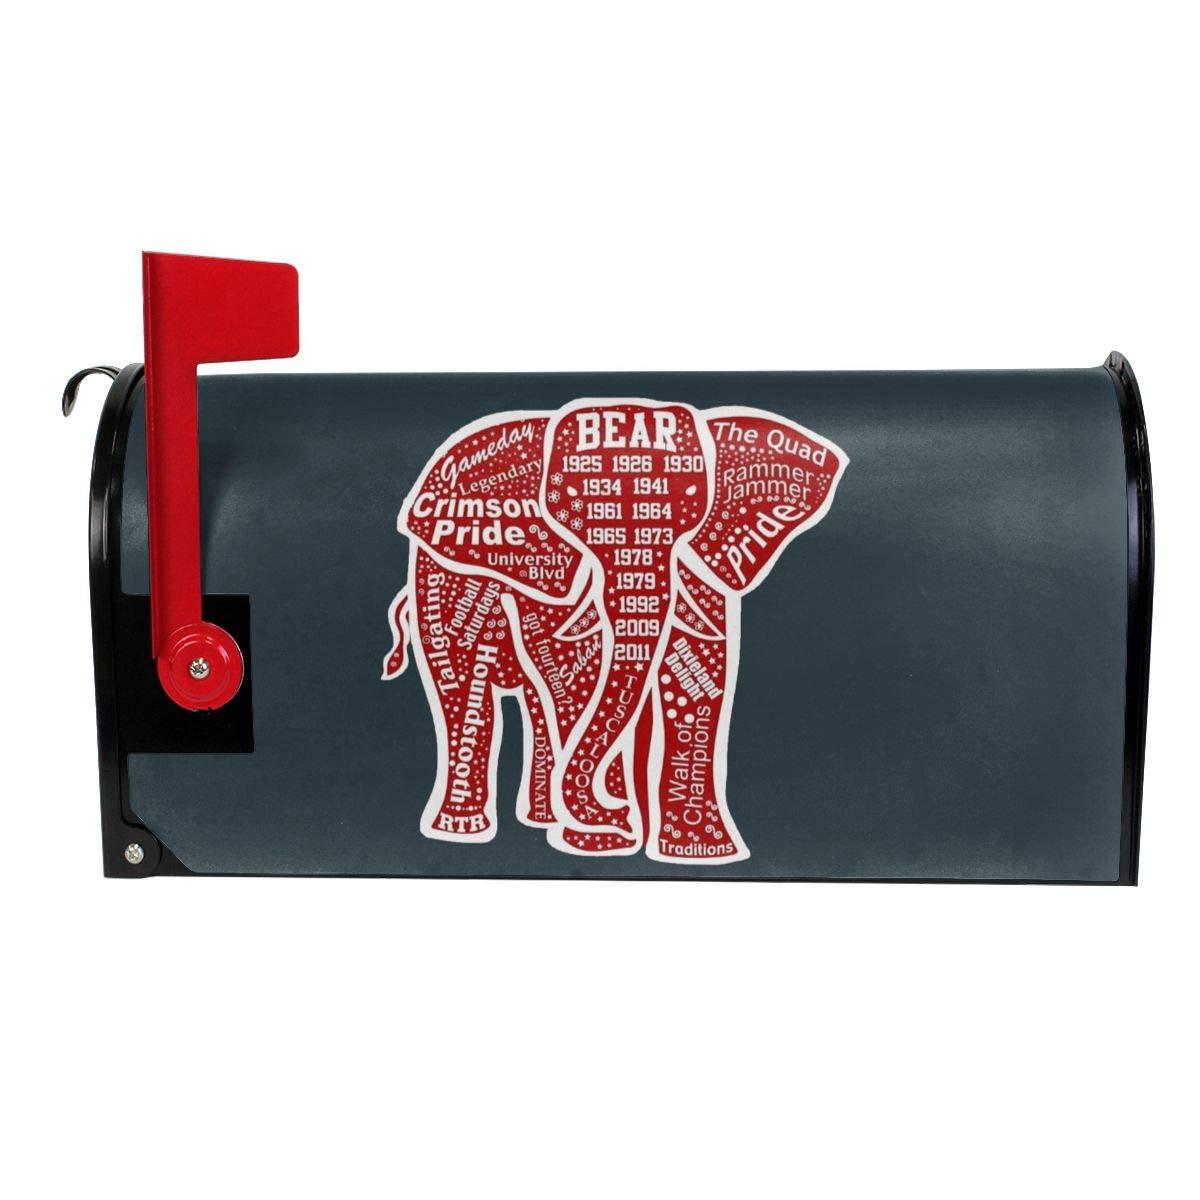 éléphant – Page 3 – Amigurumi Patterns   1200x1200